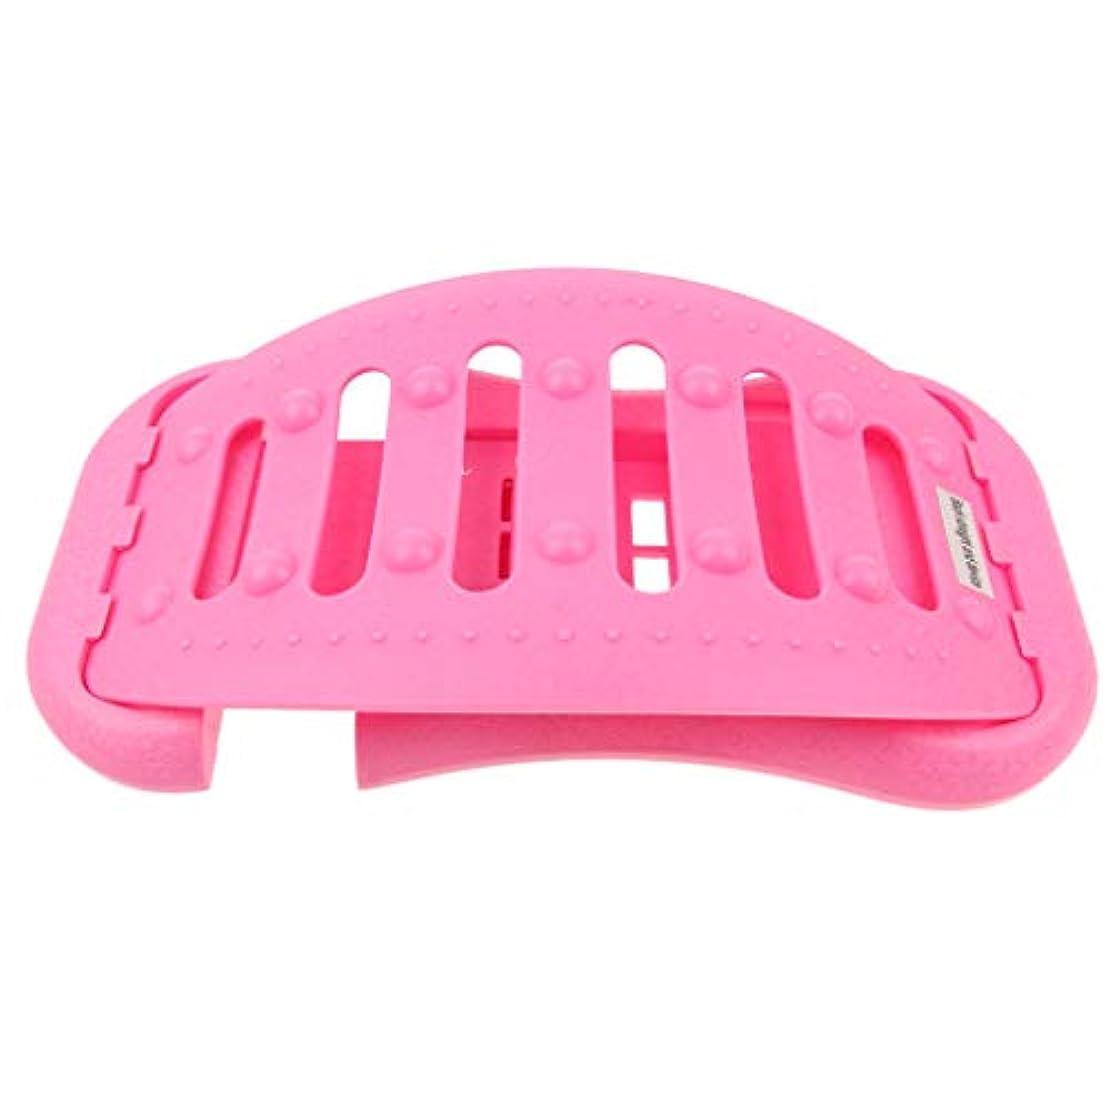 平凡松の木野ウサギ調節可能 バック ストレッチャー 背中 ストレッチャー ストレッチ装置 耐久性ある 全2色 - ピンク